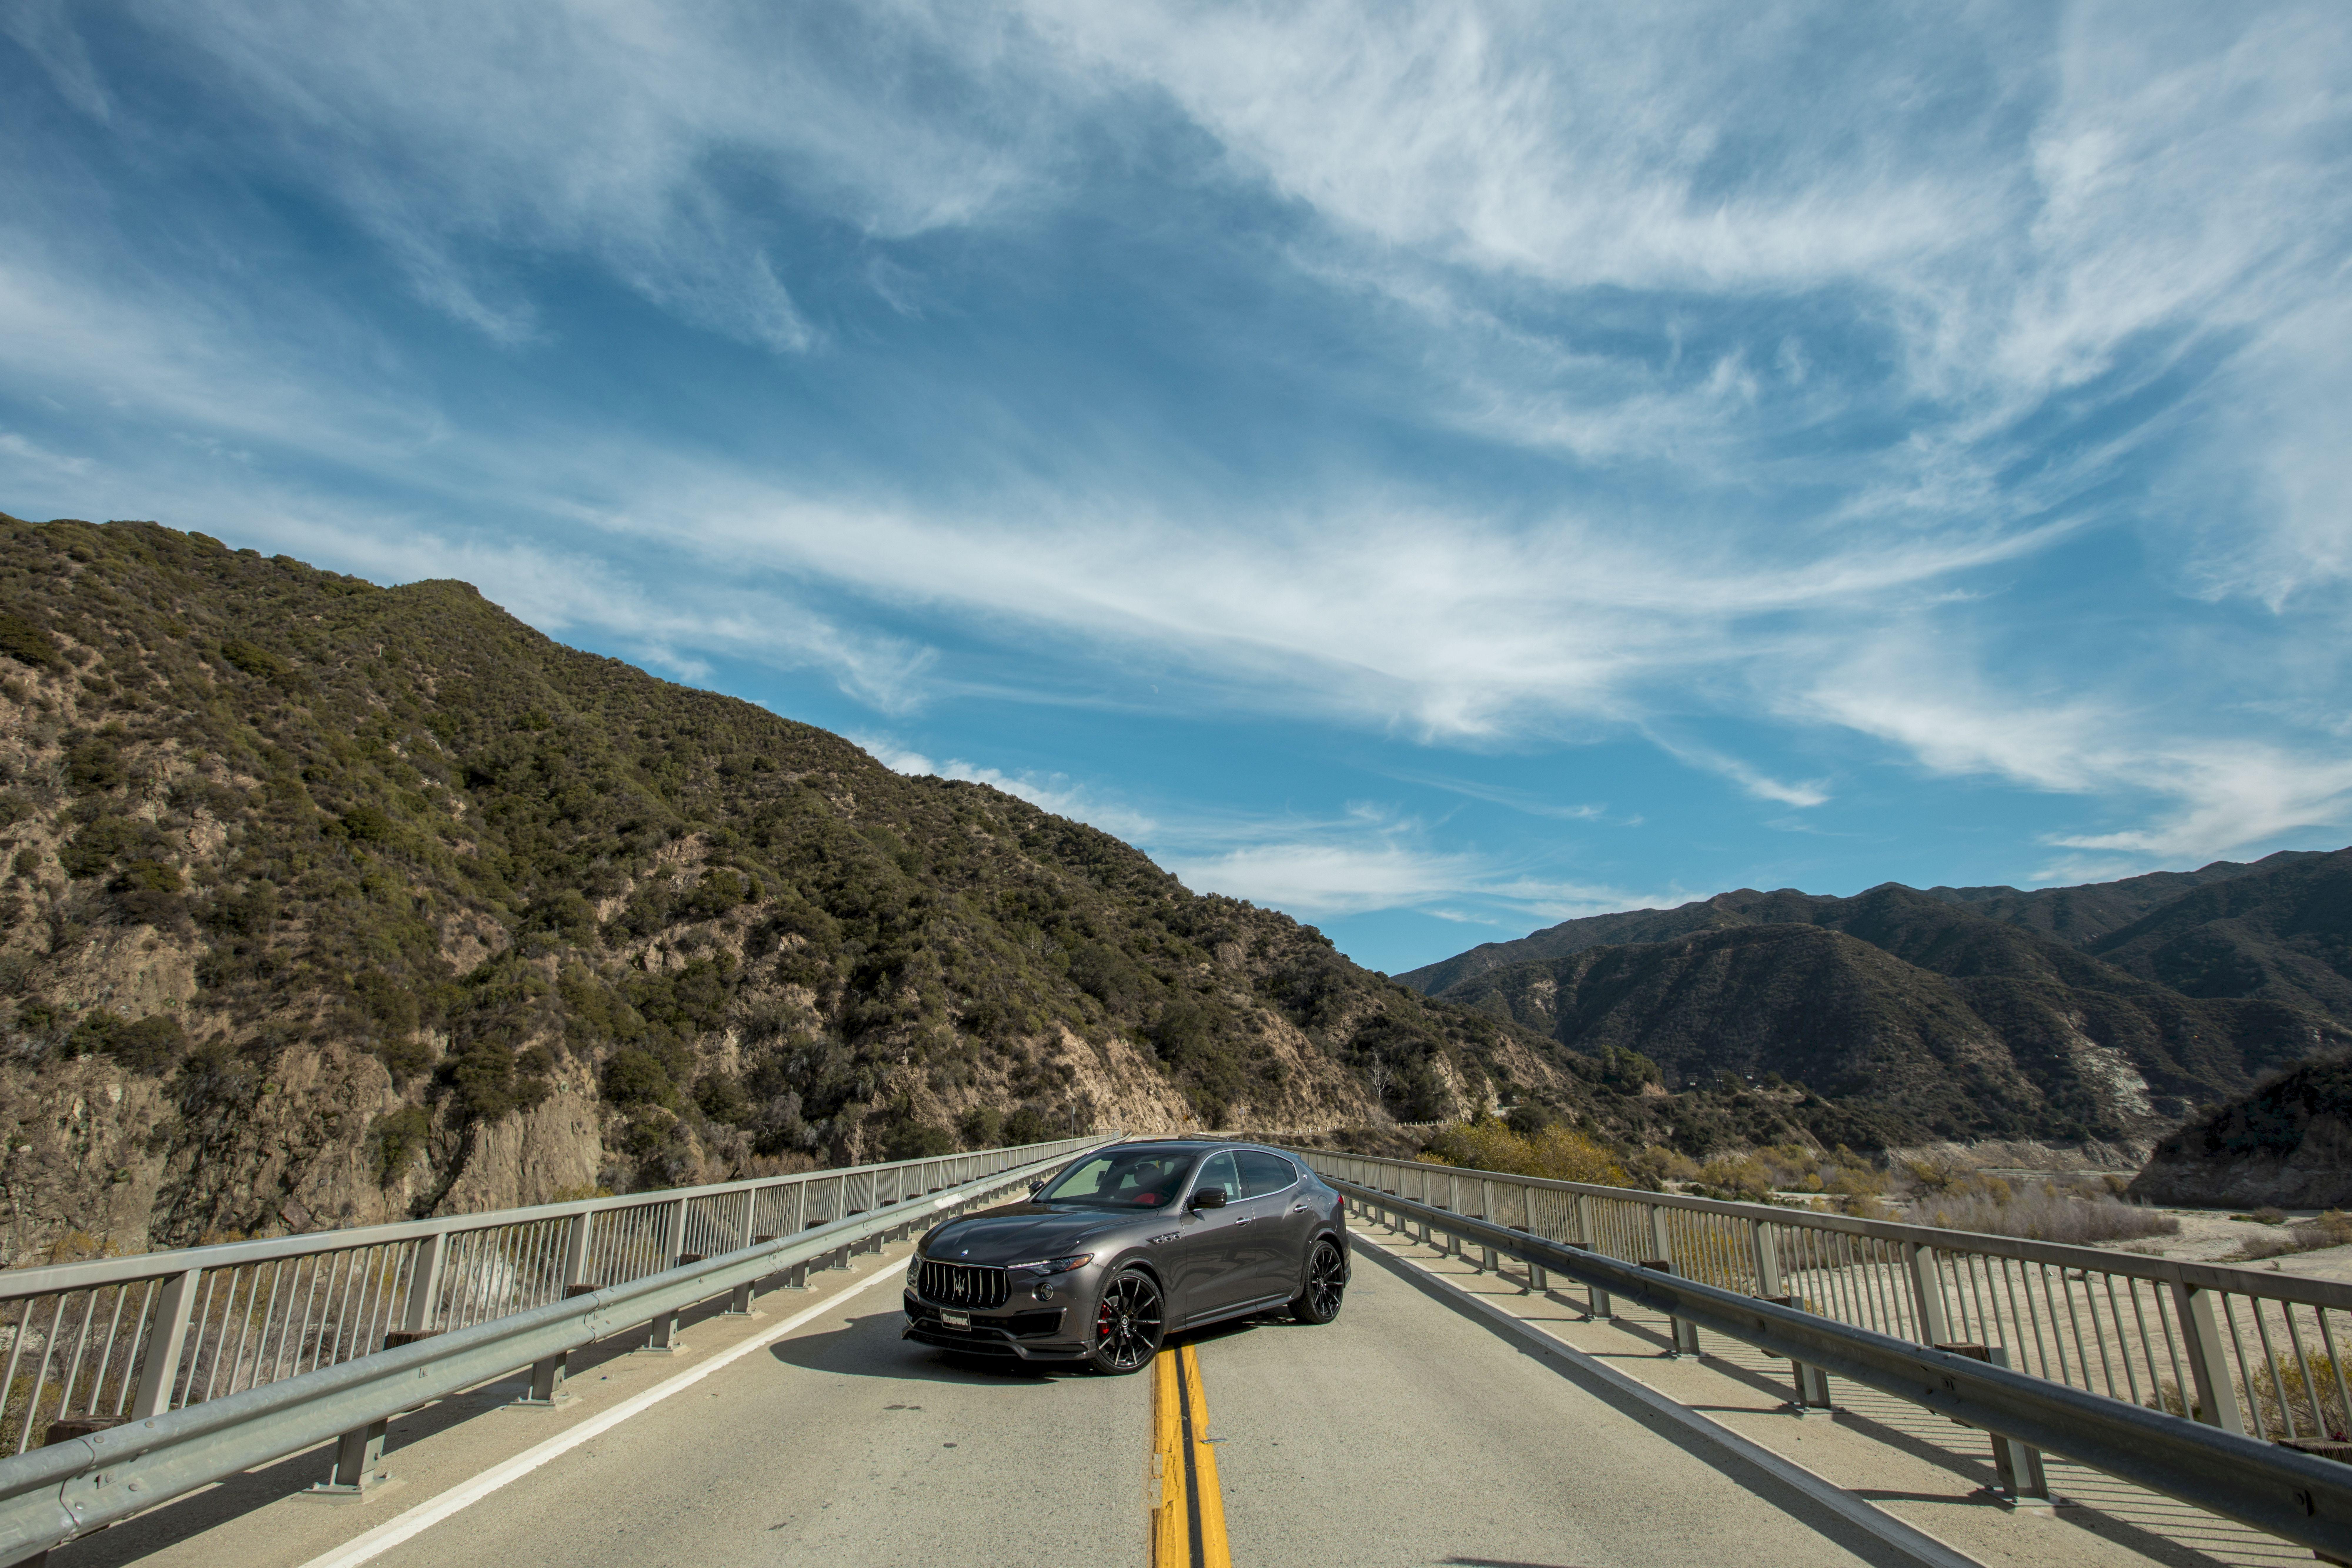 114033 Hintergrundbild herunterladen Sky, Mountains, Maserati, Cars, Brücke, Frequenzweiche, Crossover, Maserati Levante - Bildschirmschoner und Bilder kostenlos